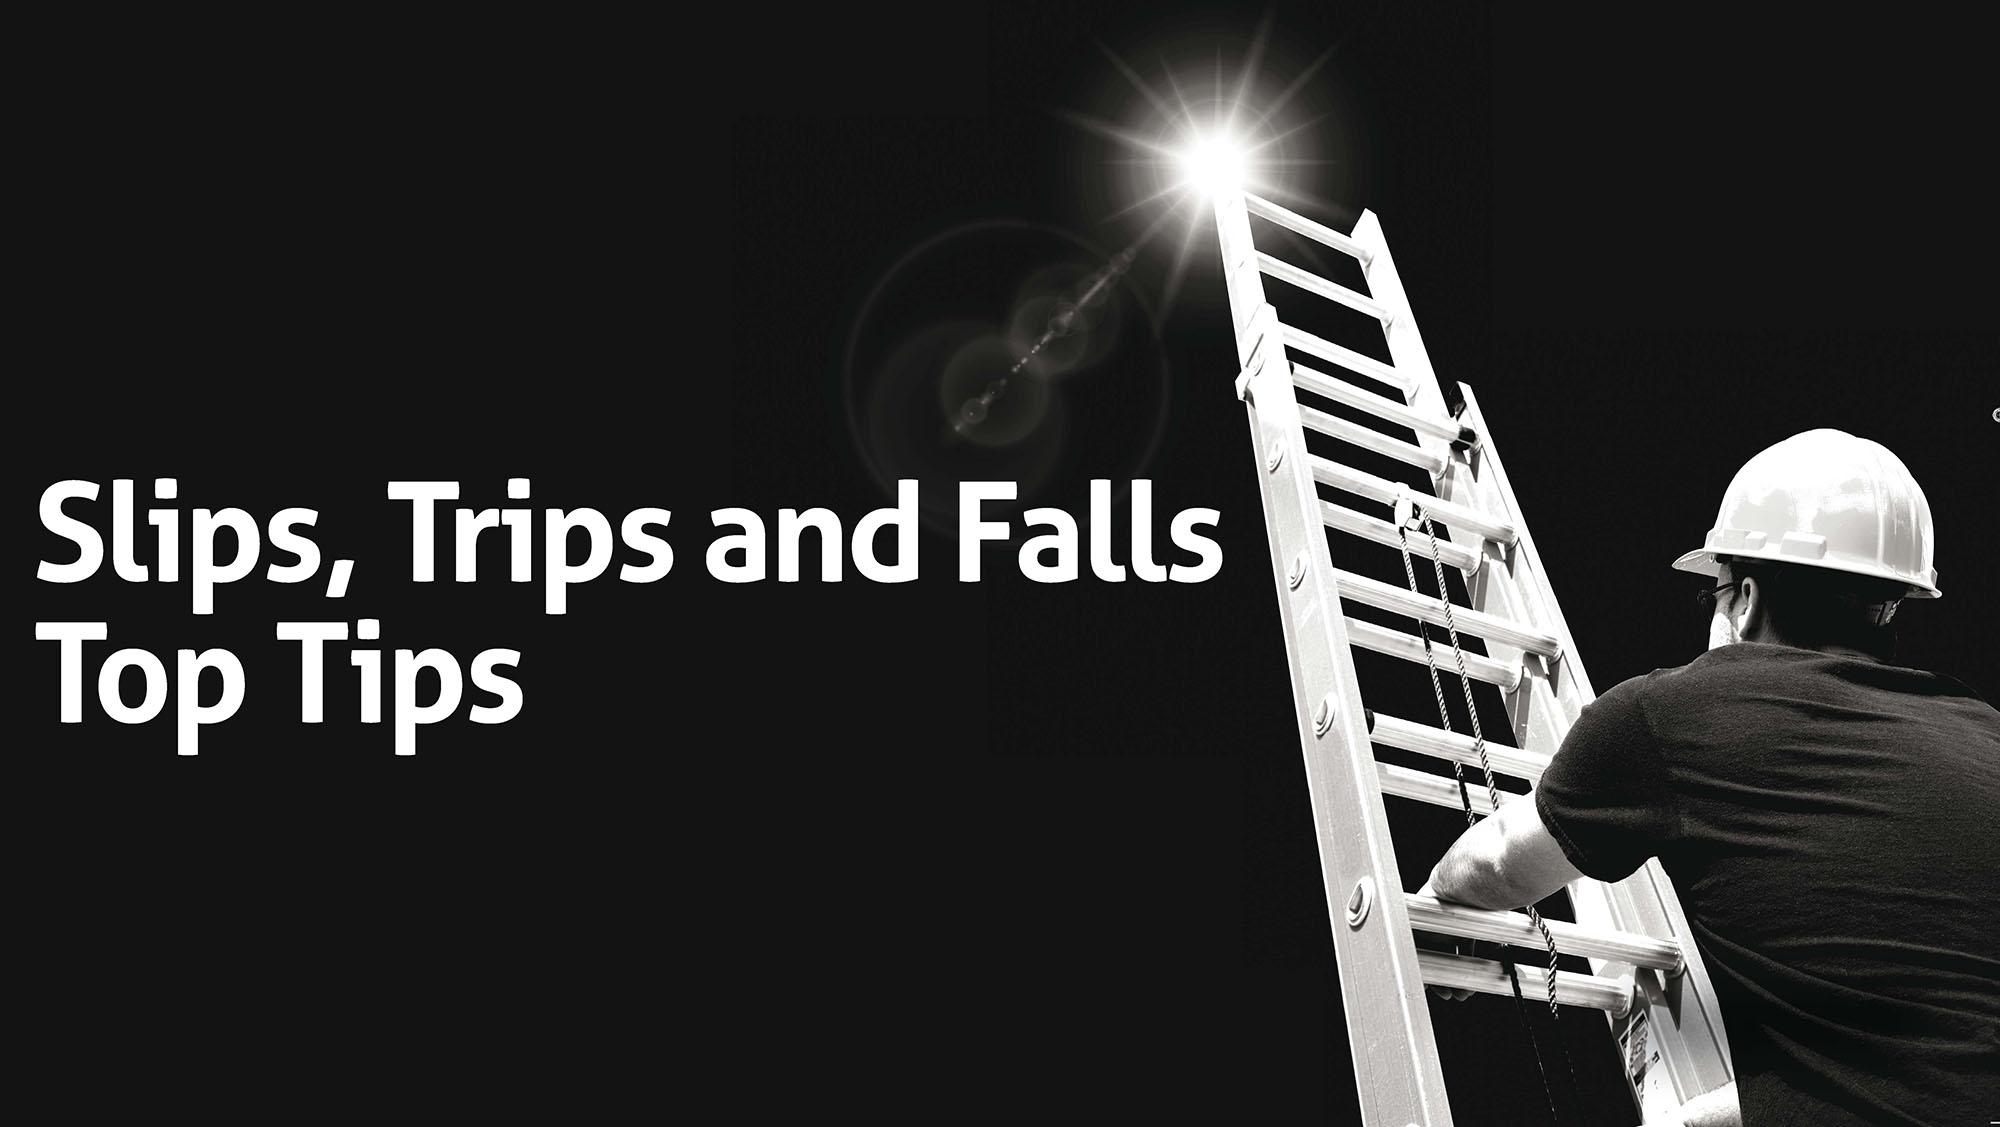 Slips trips3.jpg